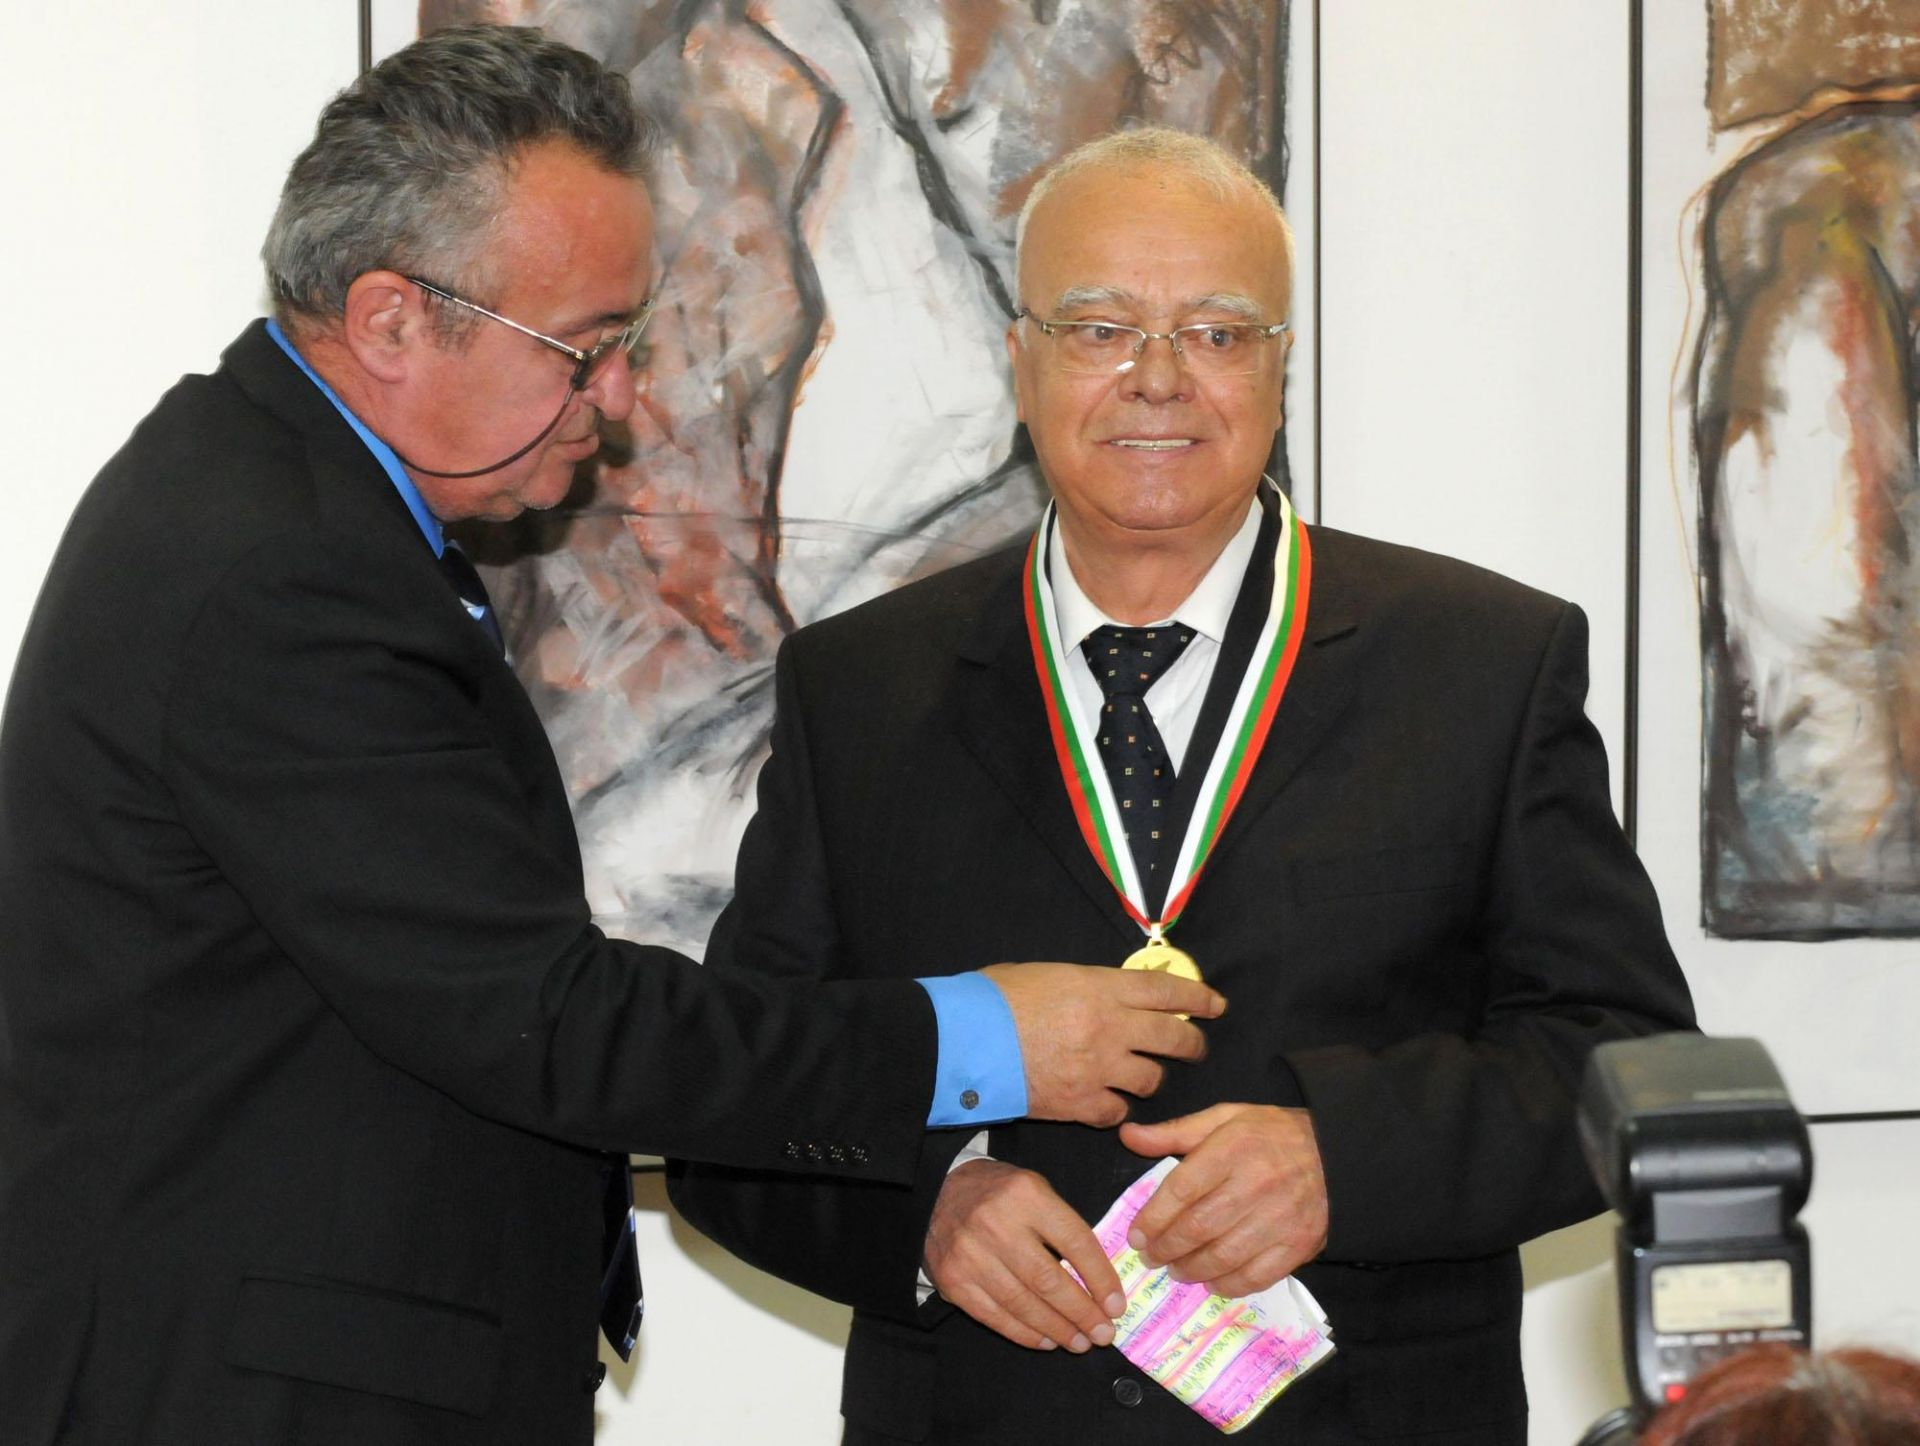 """19 май 2011 г.- Проф. Вучков получава медал """"Иван Вазов"""" за големи заслуги към родната литература и дейността на Съюза на българските писатели. Отличието му връчва председателят на писателското дружество Николай Петев."""